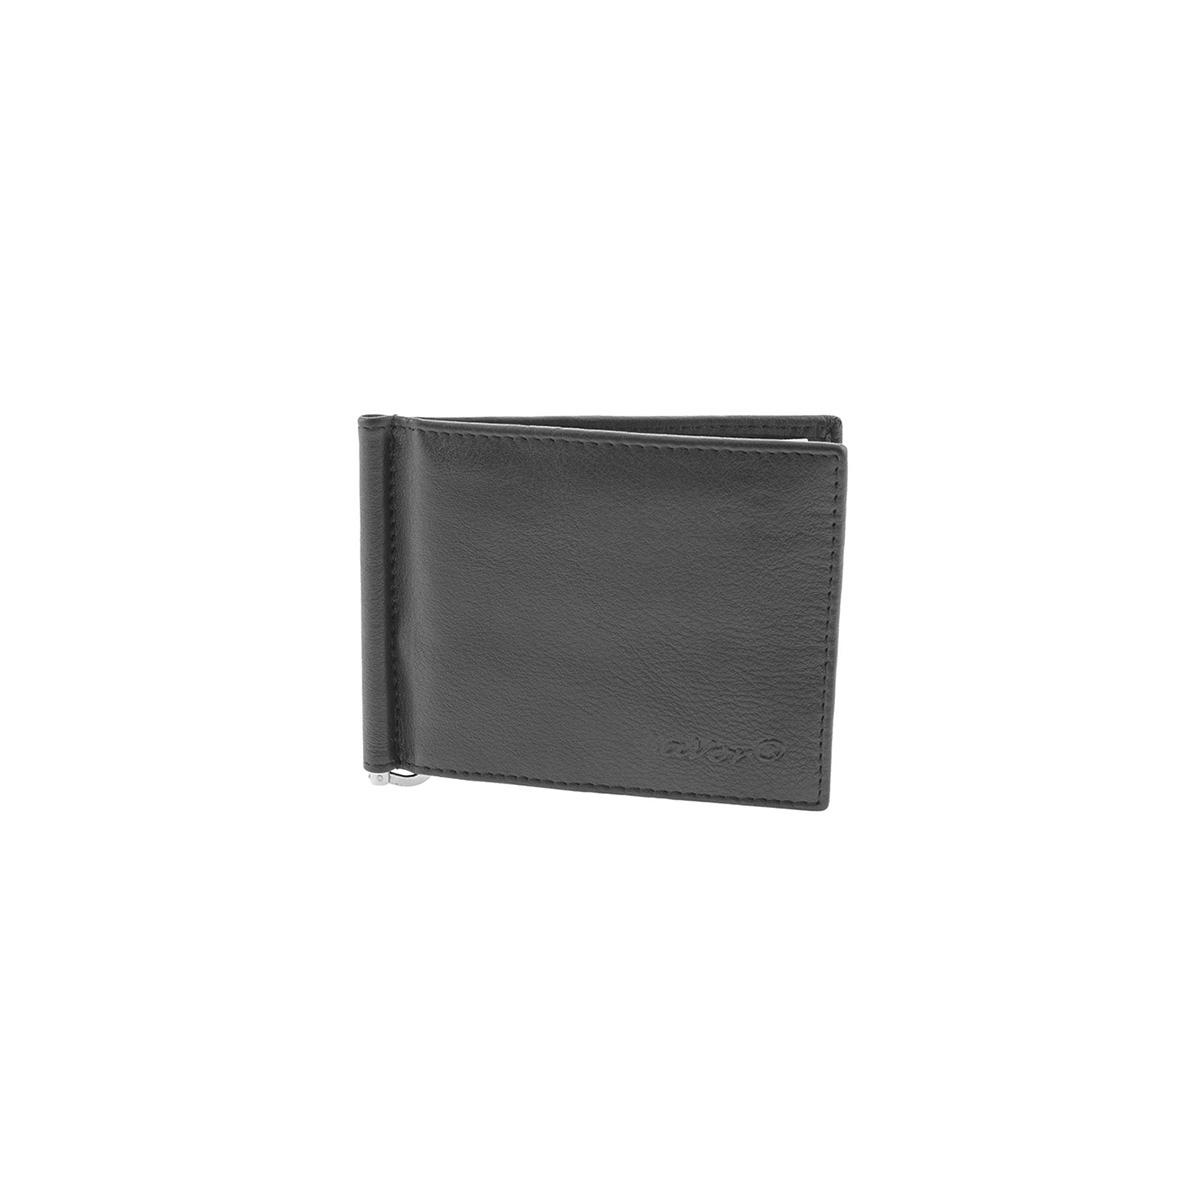 Δερμάτινο Πορτοφόλι Μικρό Με Κλιπ-Έλασμα Χρημάτων Lavor RFID 7409 ... 654dae630ed